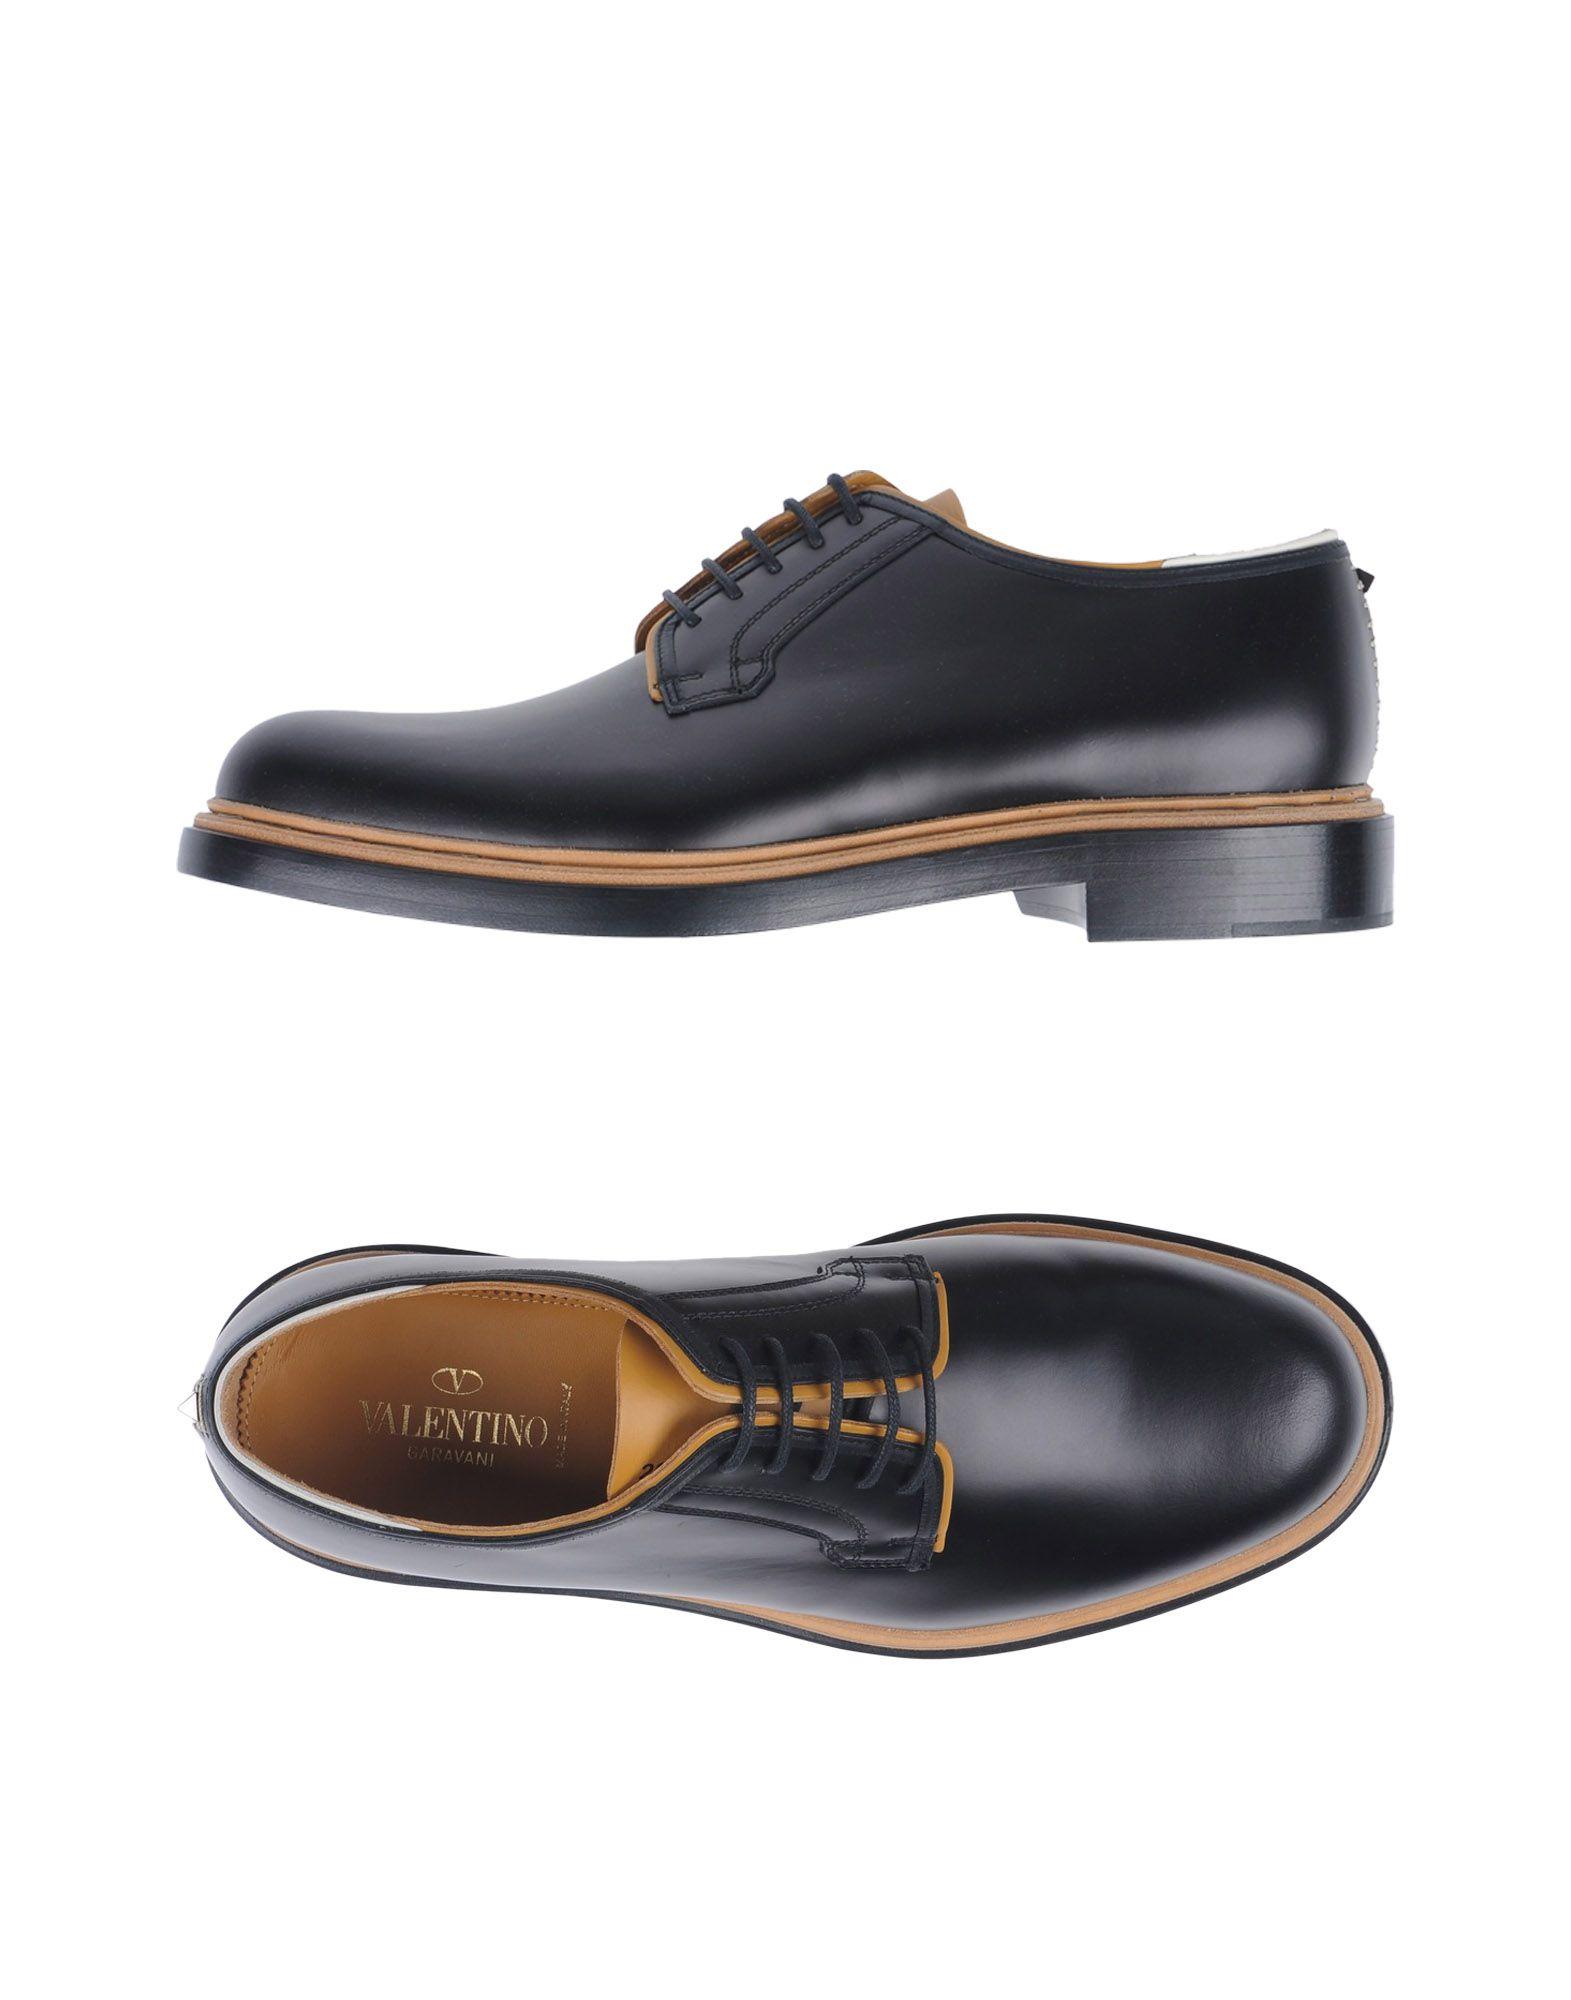 Valentino Garavani Schnürschuhe Herren  11343861WV Gute Qualität beliebte Schuhe